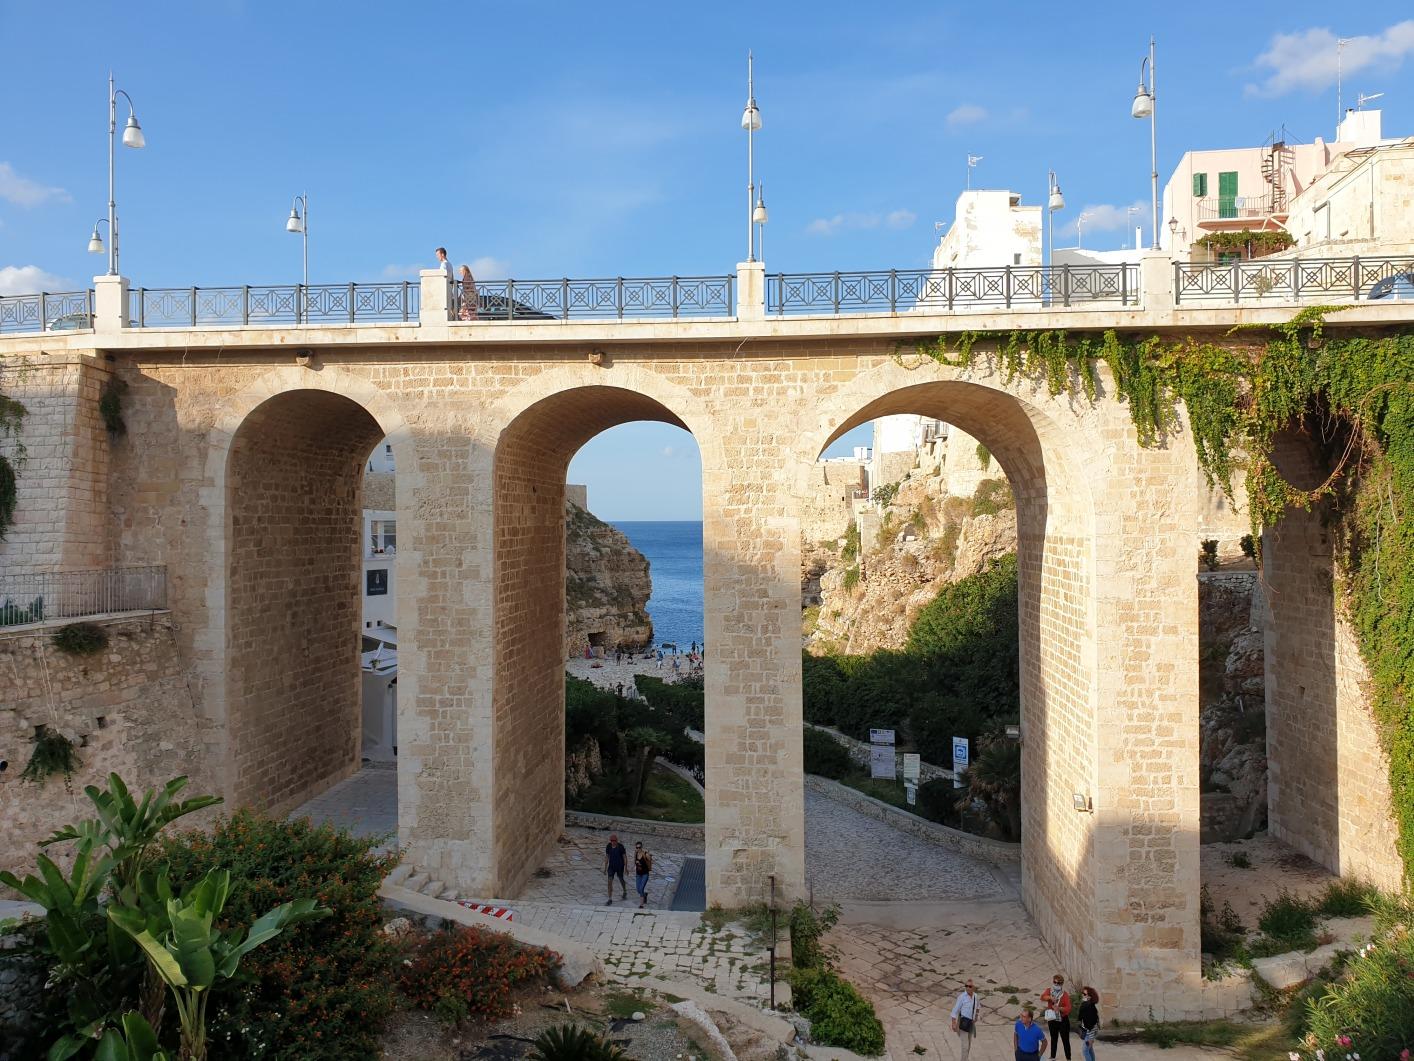 Apulia166